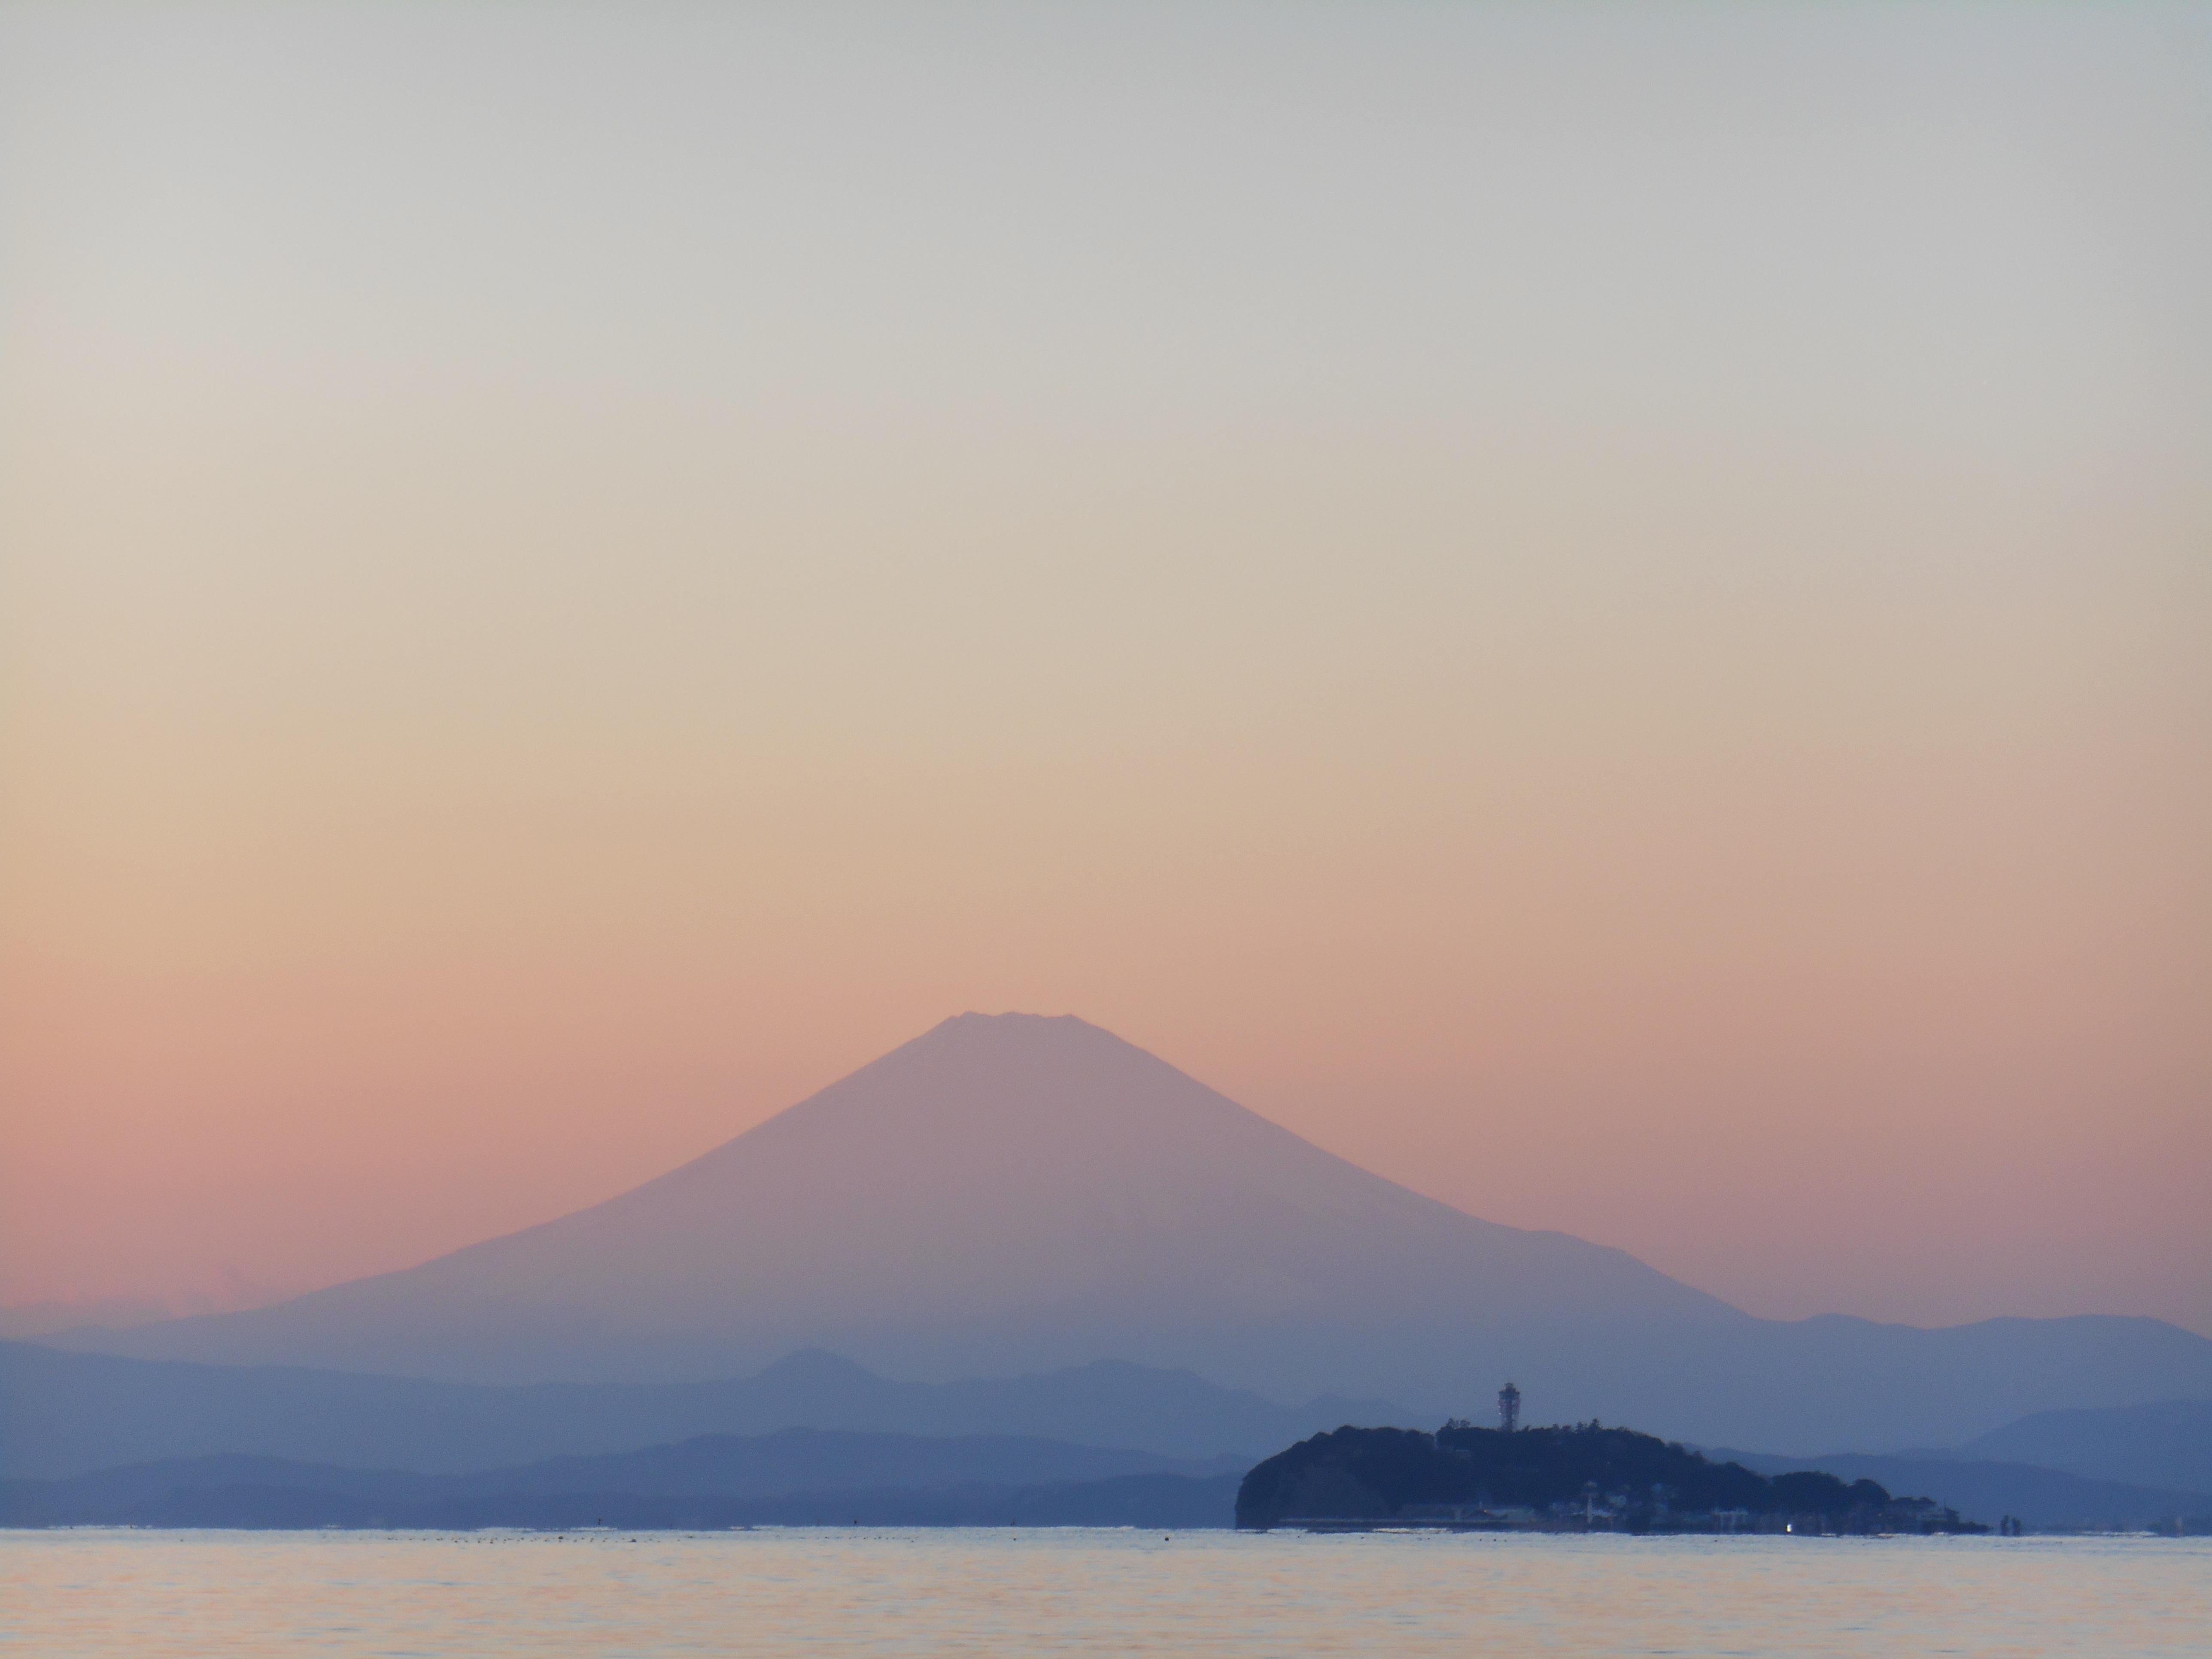 Free Images Landscape Sea Horizon Mountain Sunrise